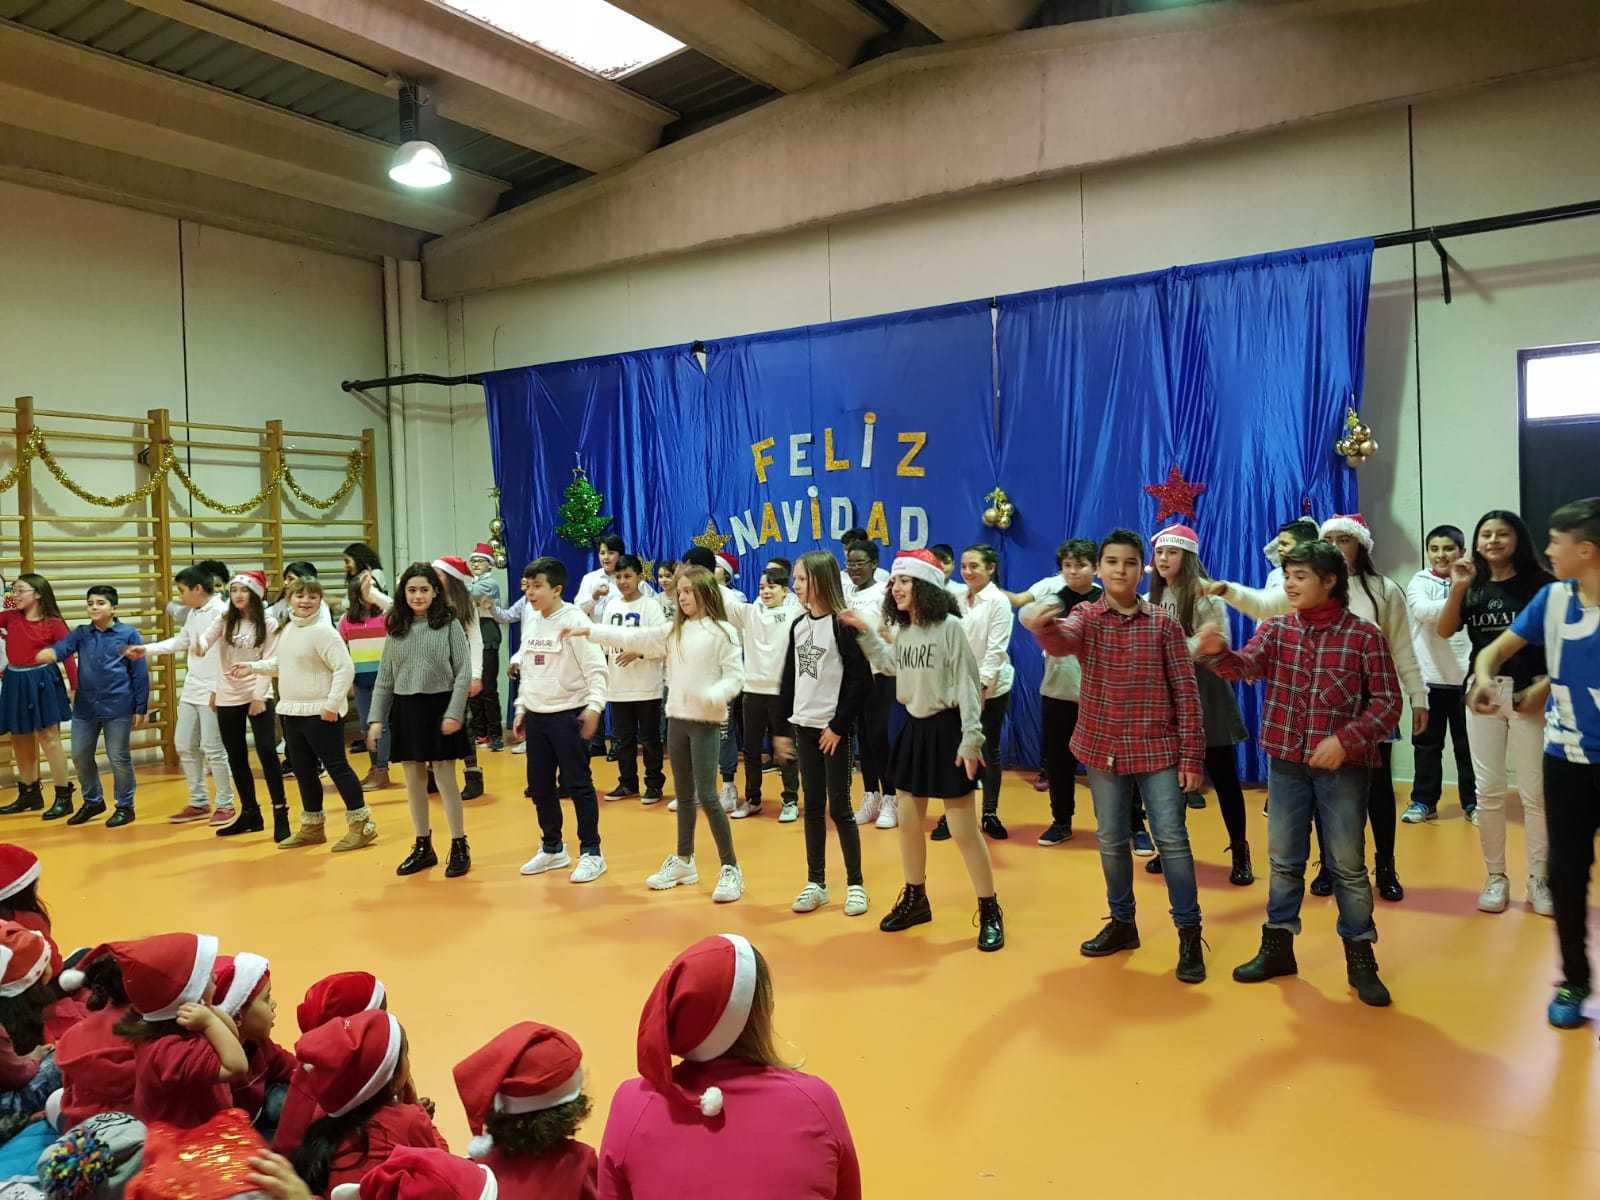 Último día - Festival navidad 22